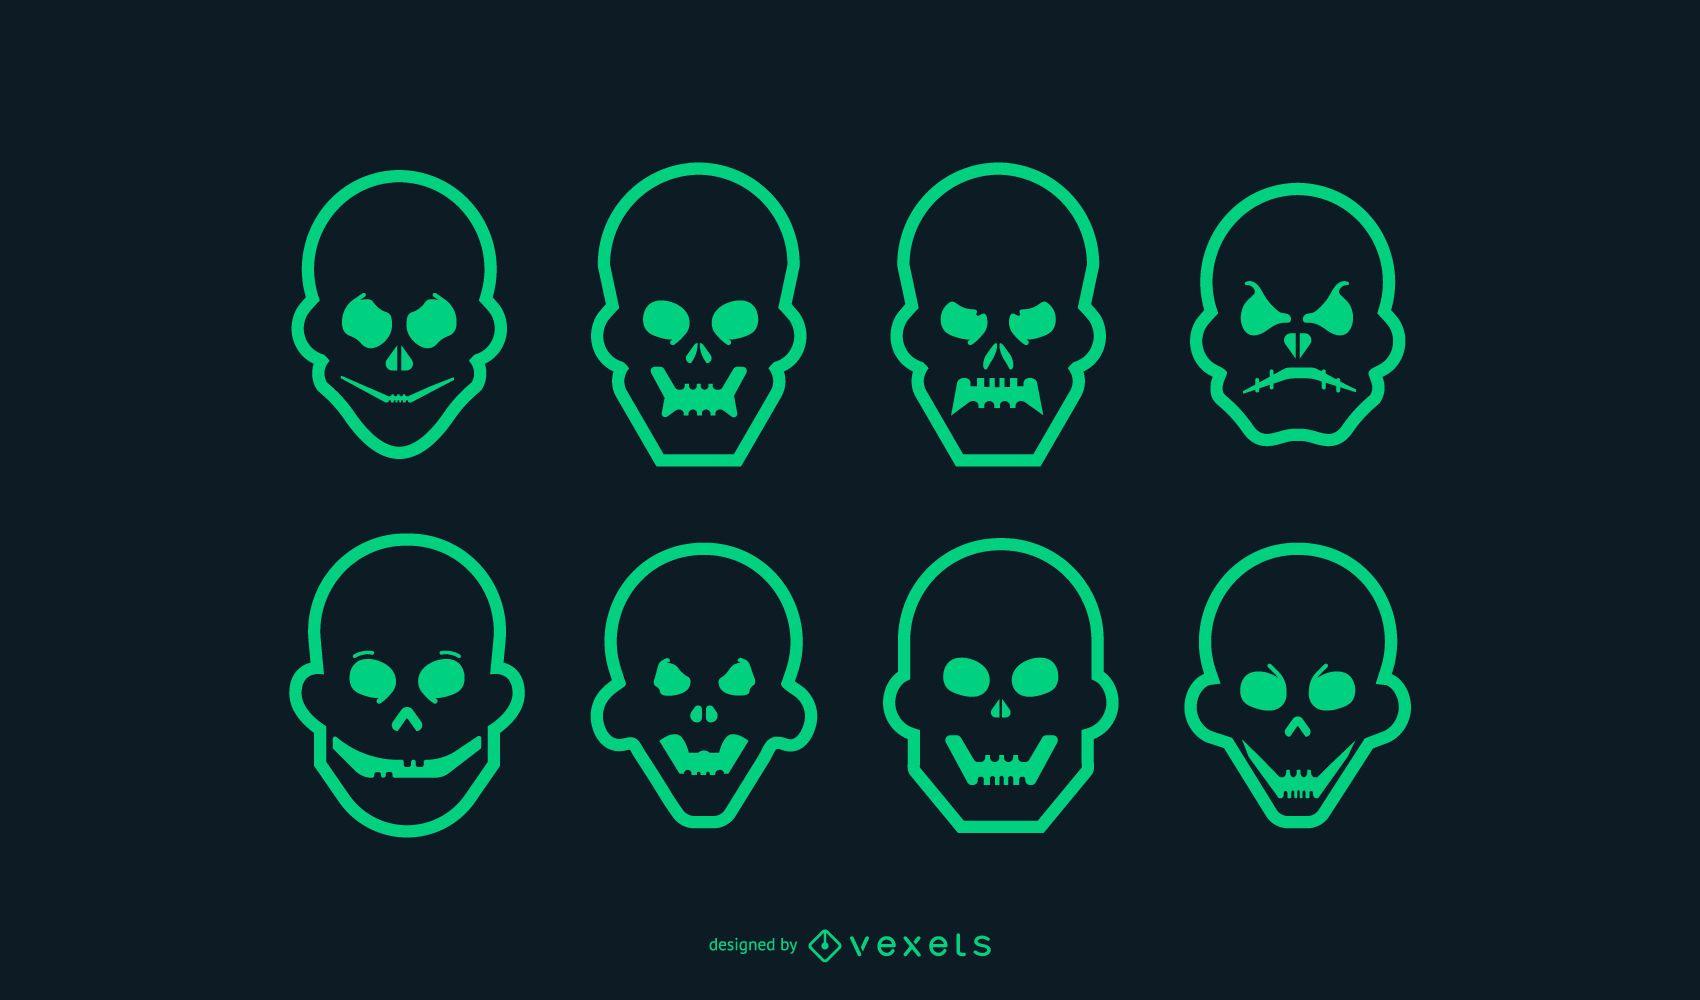 Conjunto de iconos de calavera de trazo verde